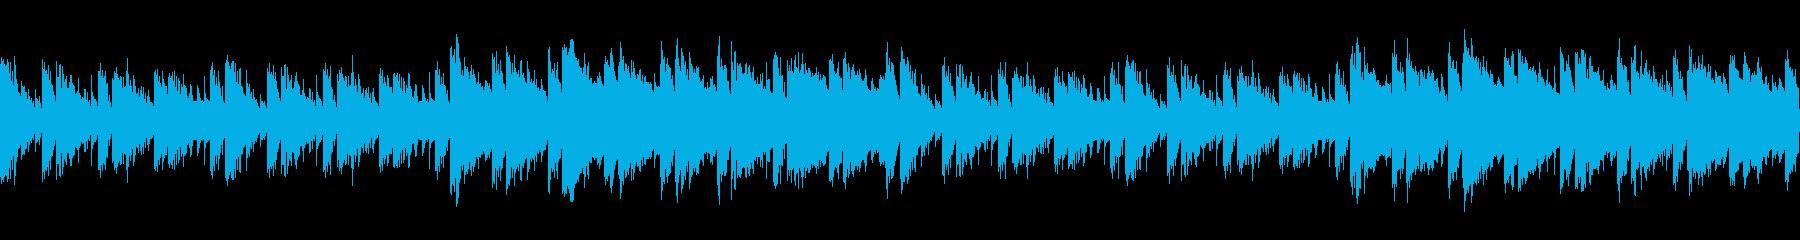 【主張しない背景音楽】ゲーム1【ループ】の再生済みの波形